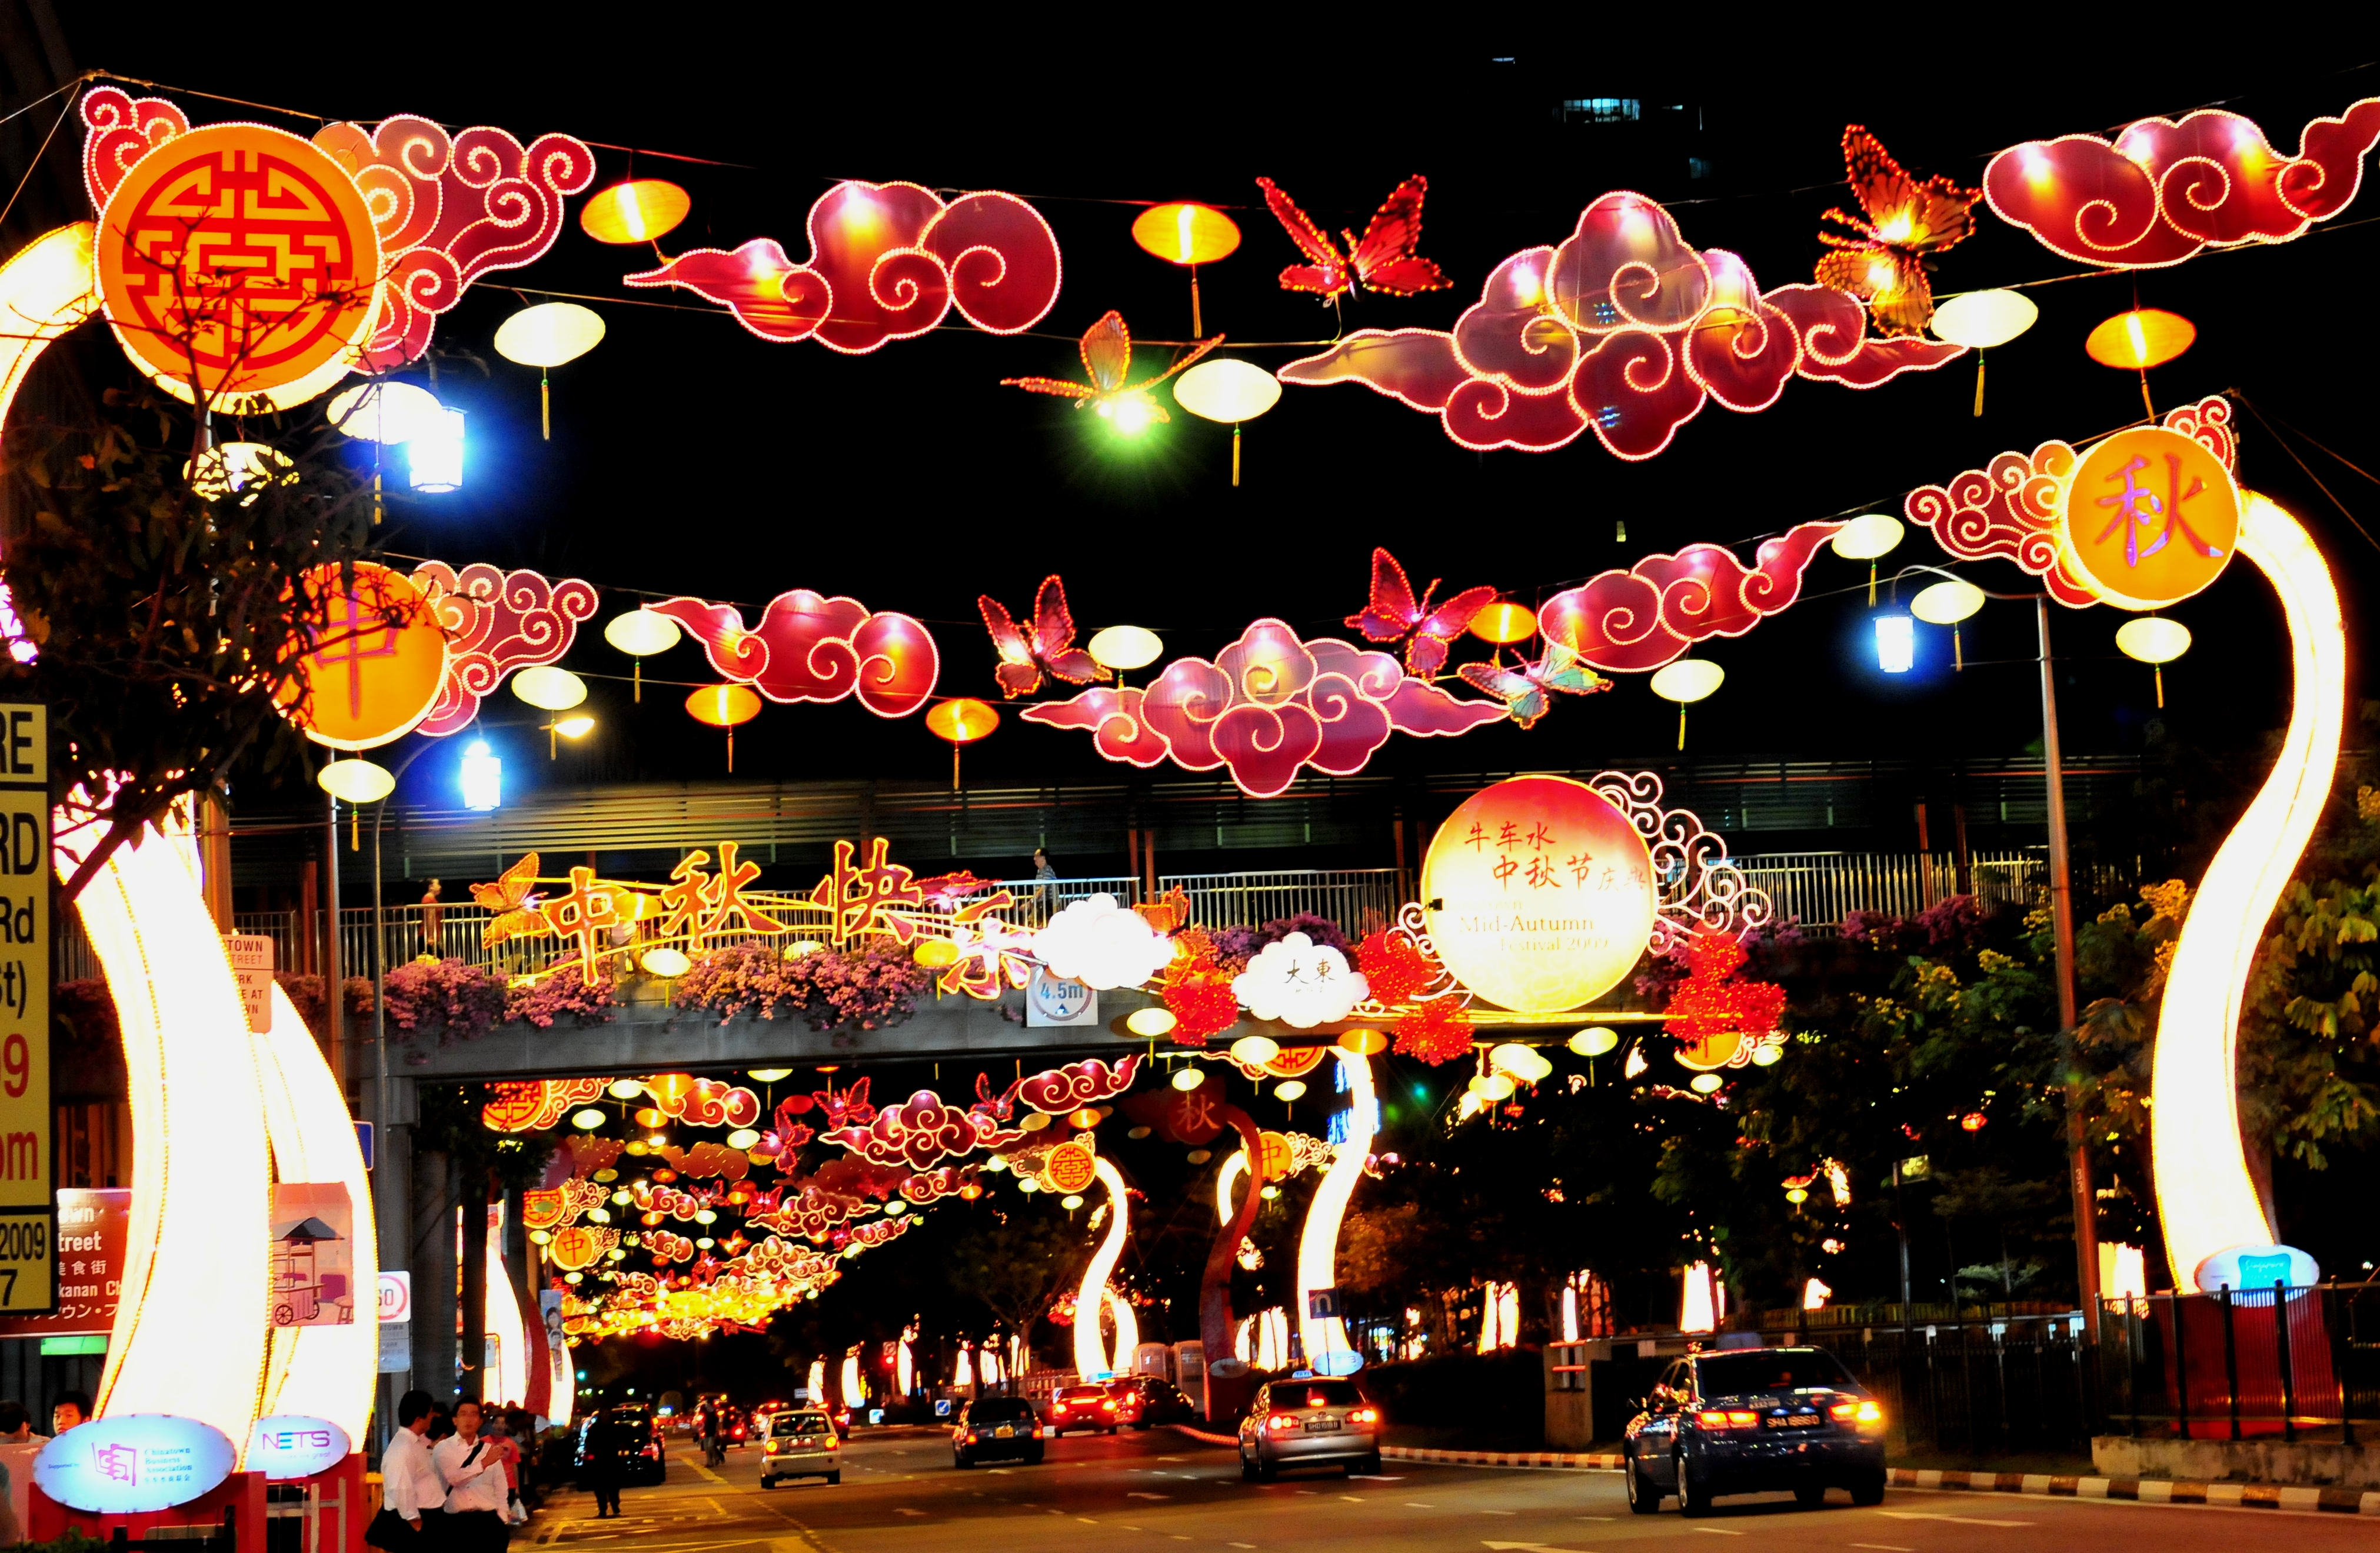 Top 7 Asian cities